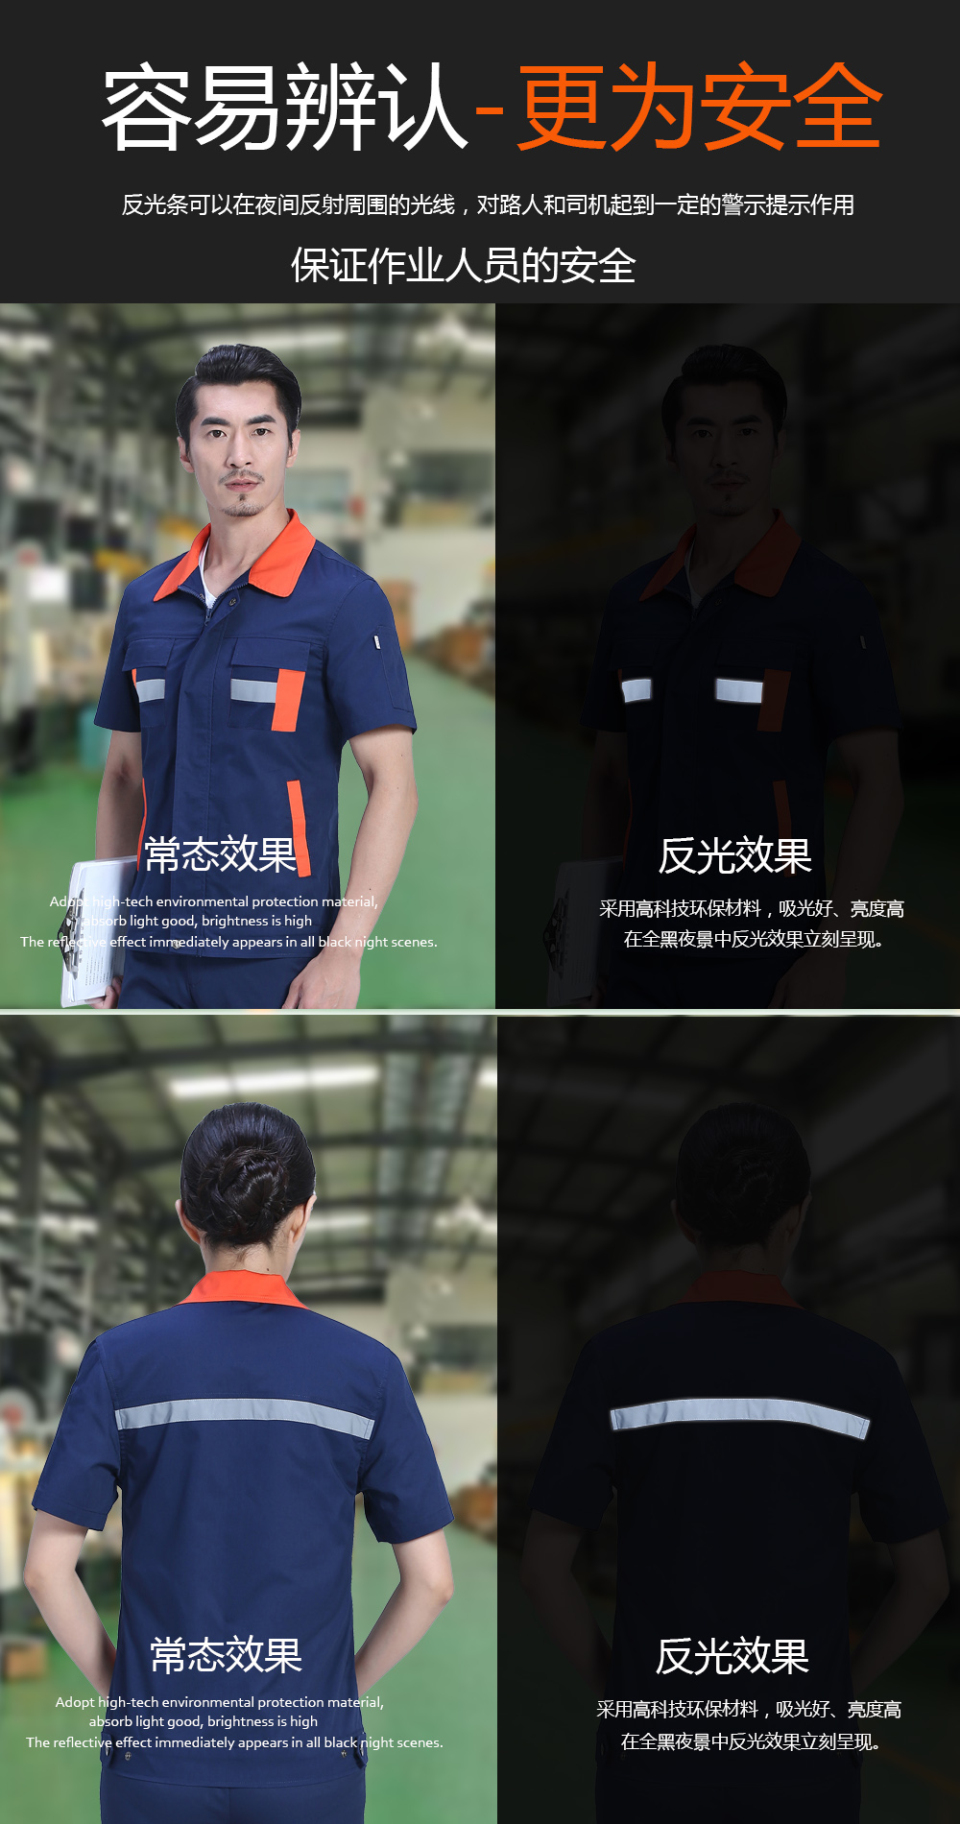 浅蓝色夏季工服FY613